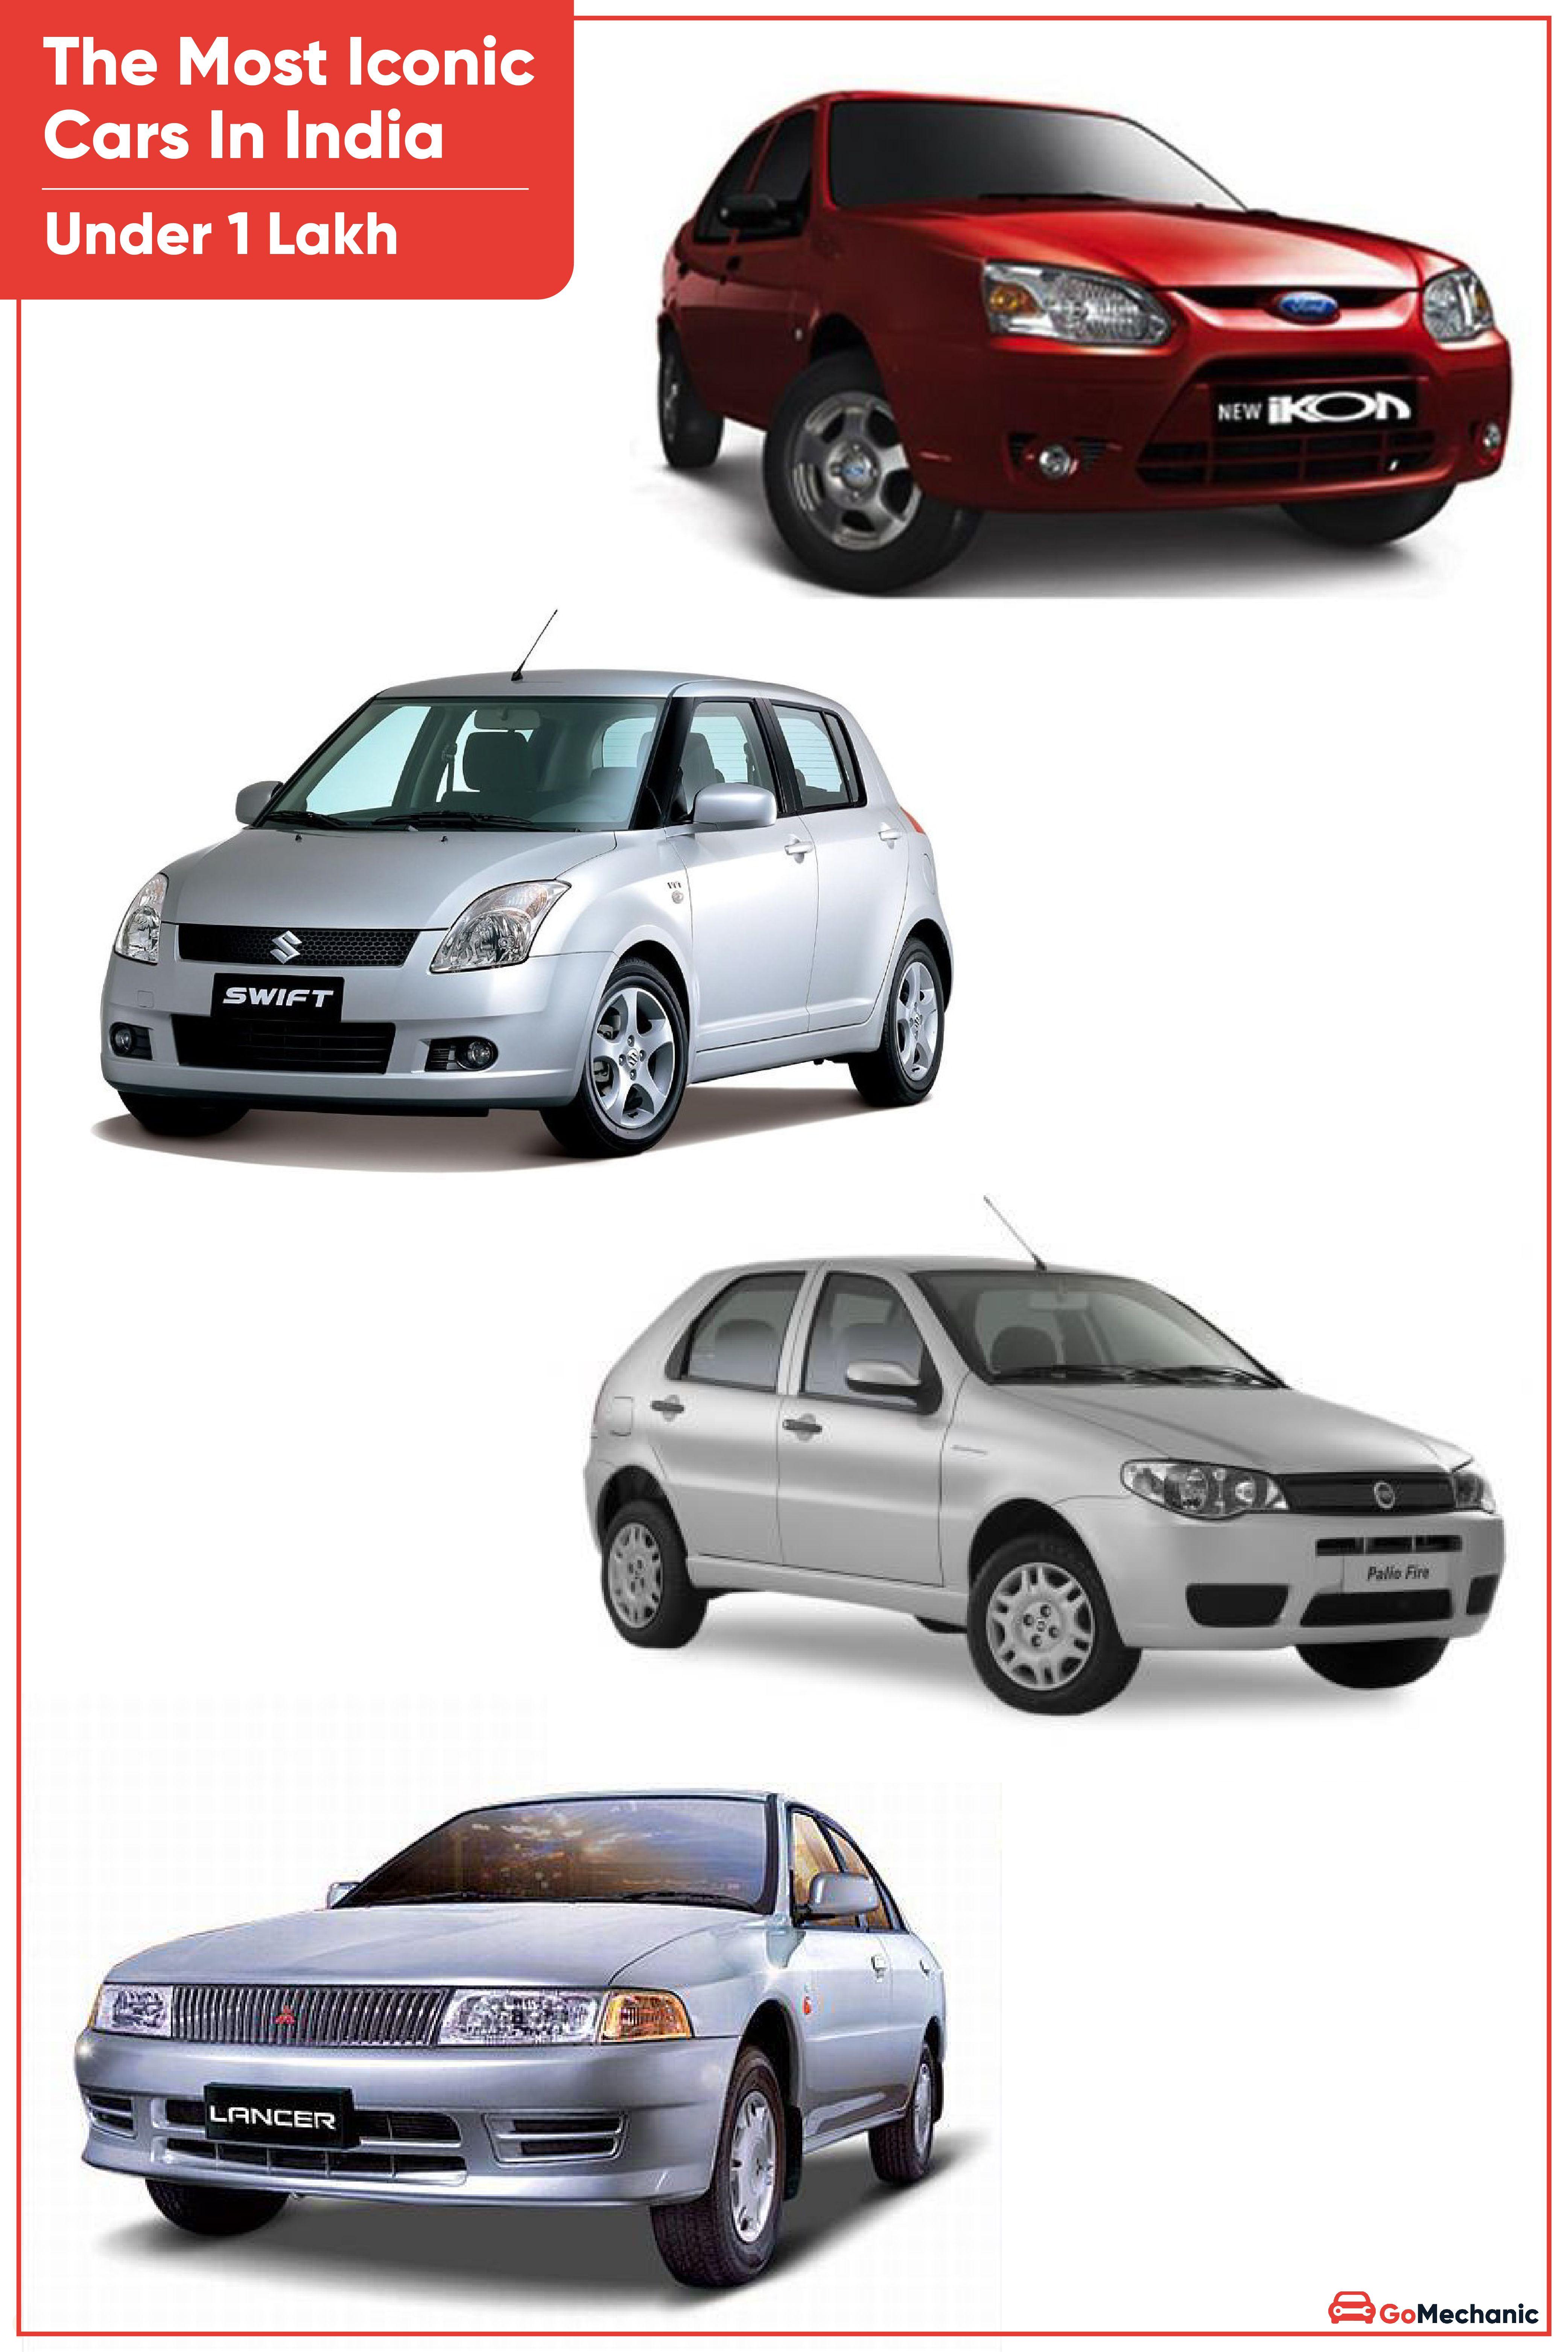 7 Iconic Indian Cars Under 1 Lakh Good Used Cars Skoda Octavia Vrs Honda City